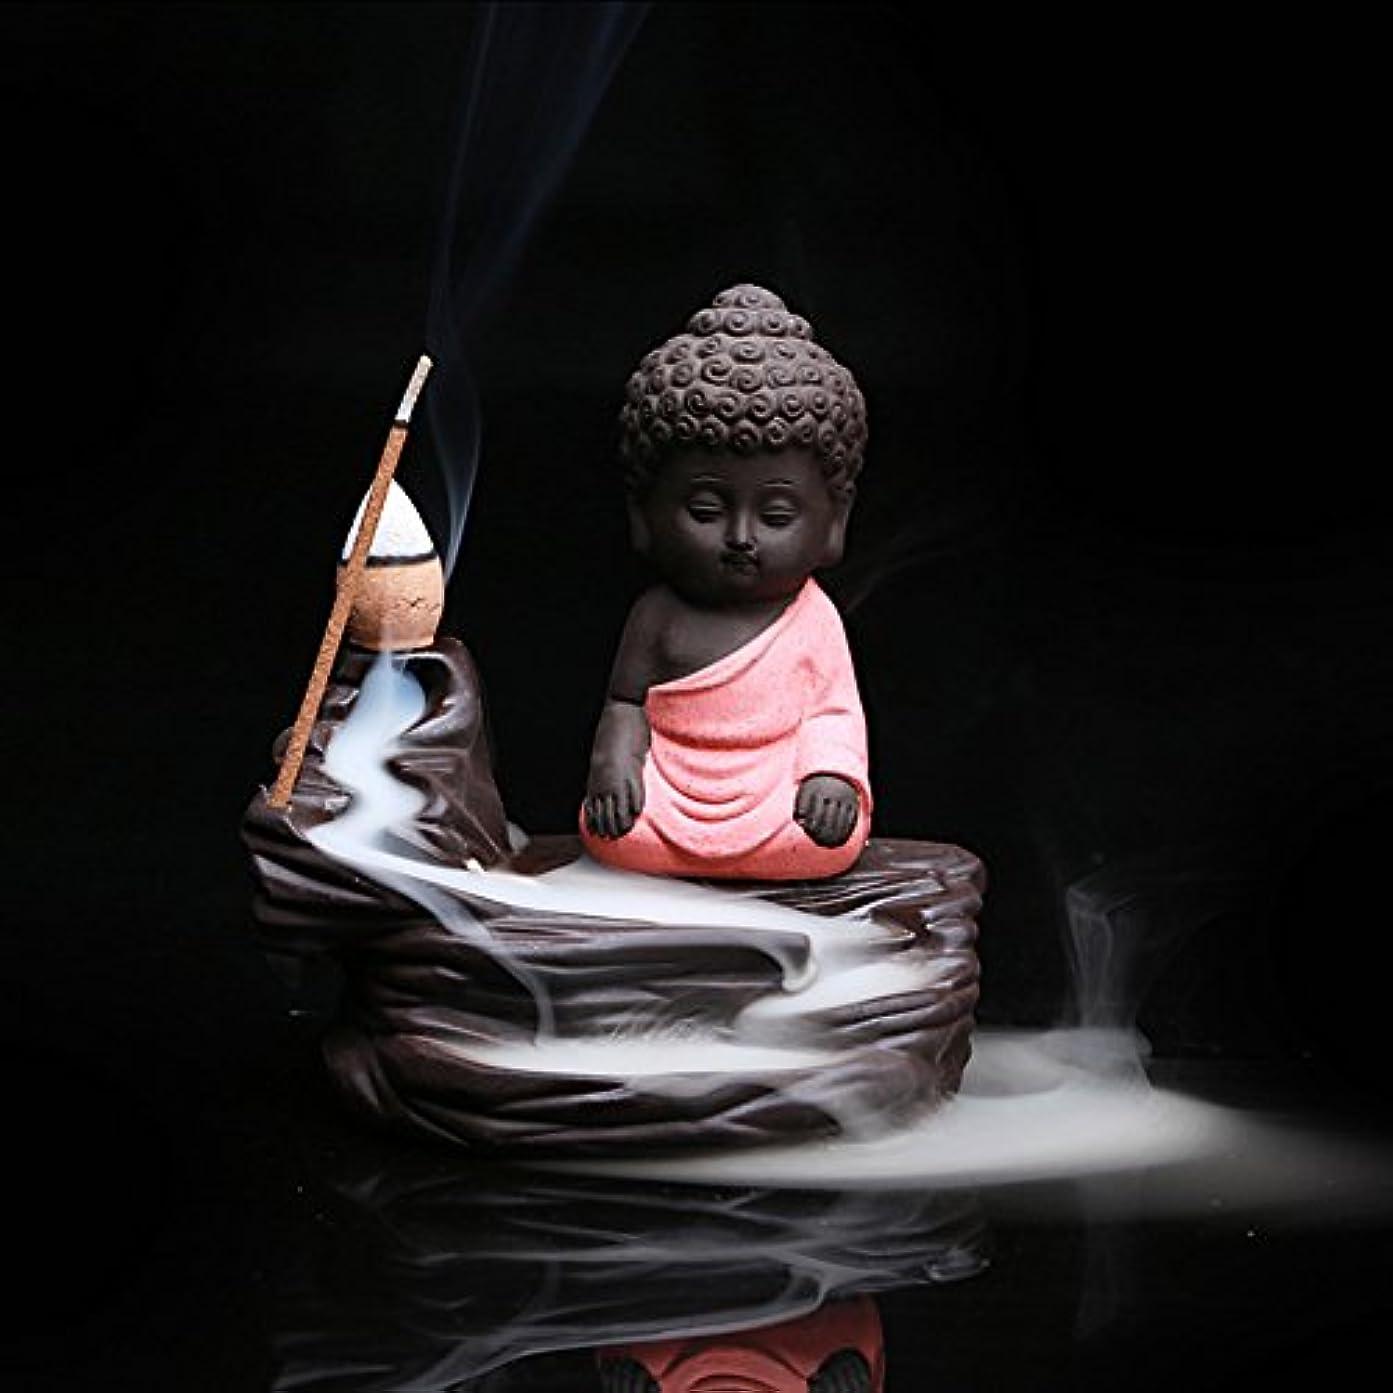 帝国主義マッサージ彼自身クリエイティブ逆流香炉コーンスティックホルダーSmall BuddhaセラミックCenserホーム部屋装飾 12.0*12.0*6.0cm レッド Colorado